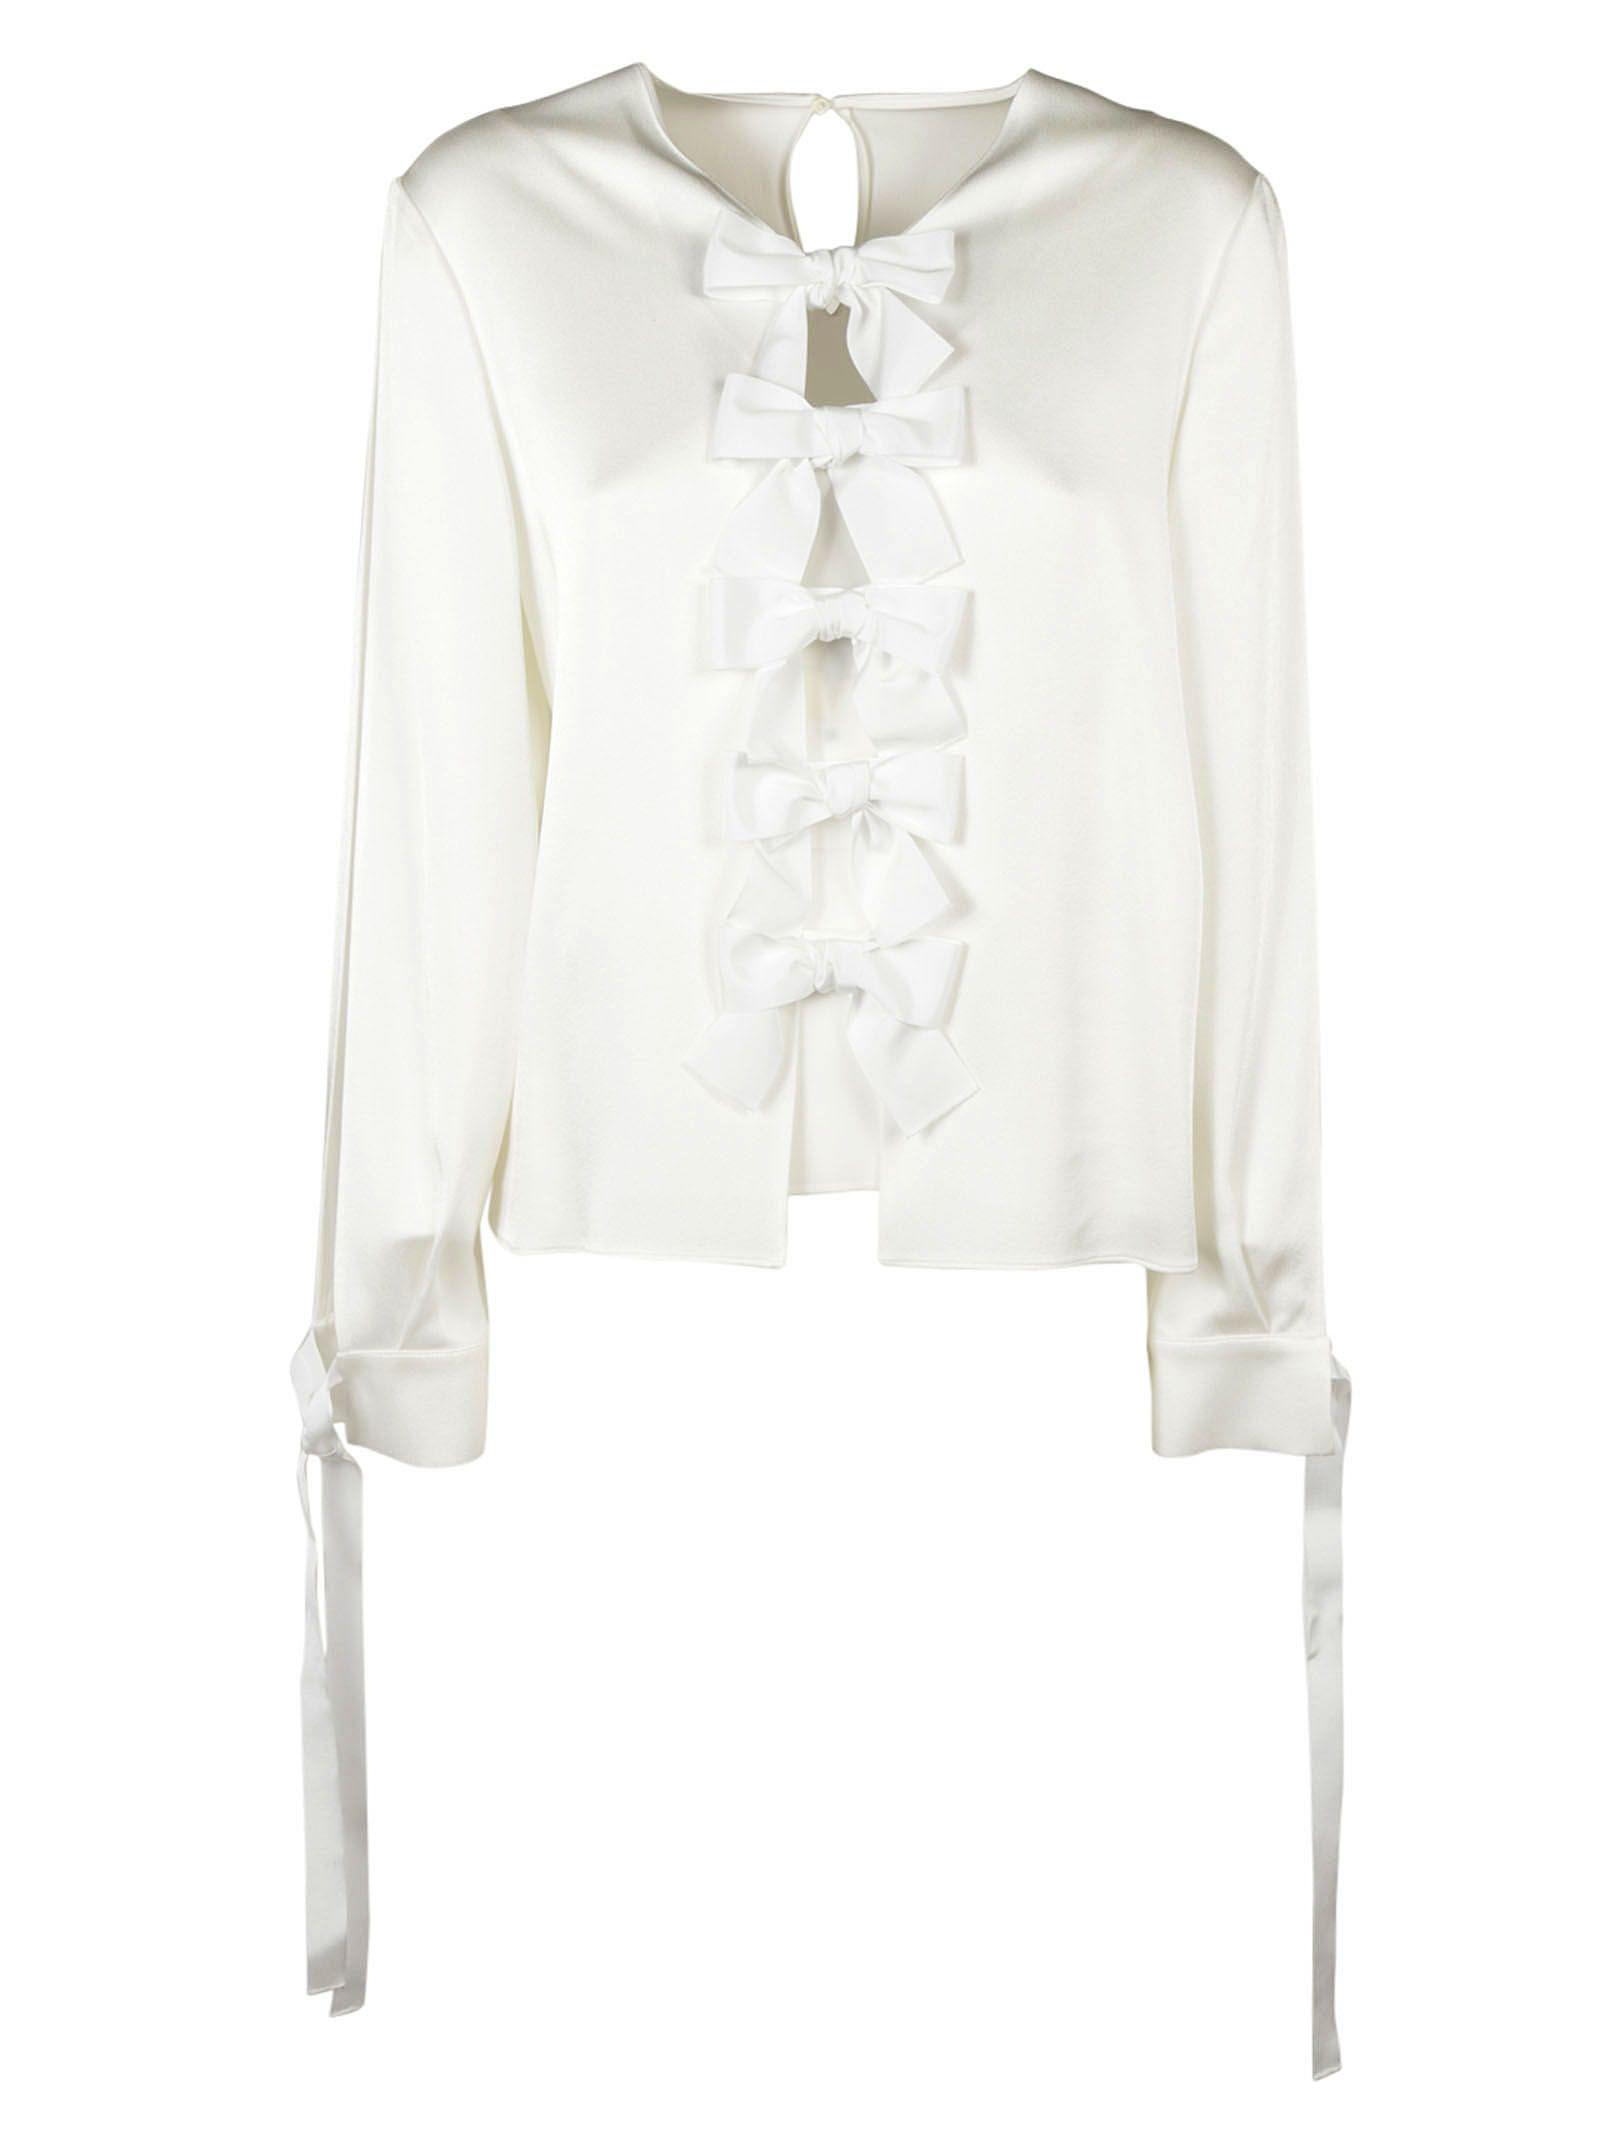 Fendi Bow Embellished Blouse